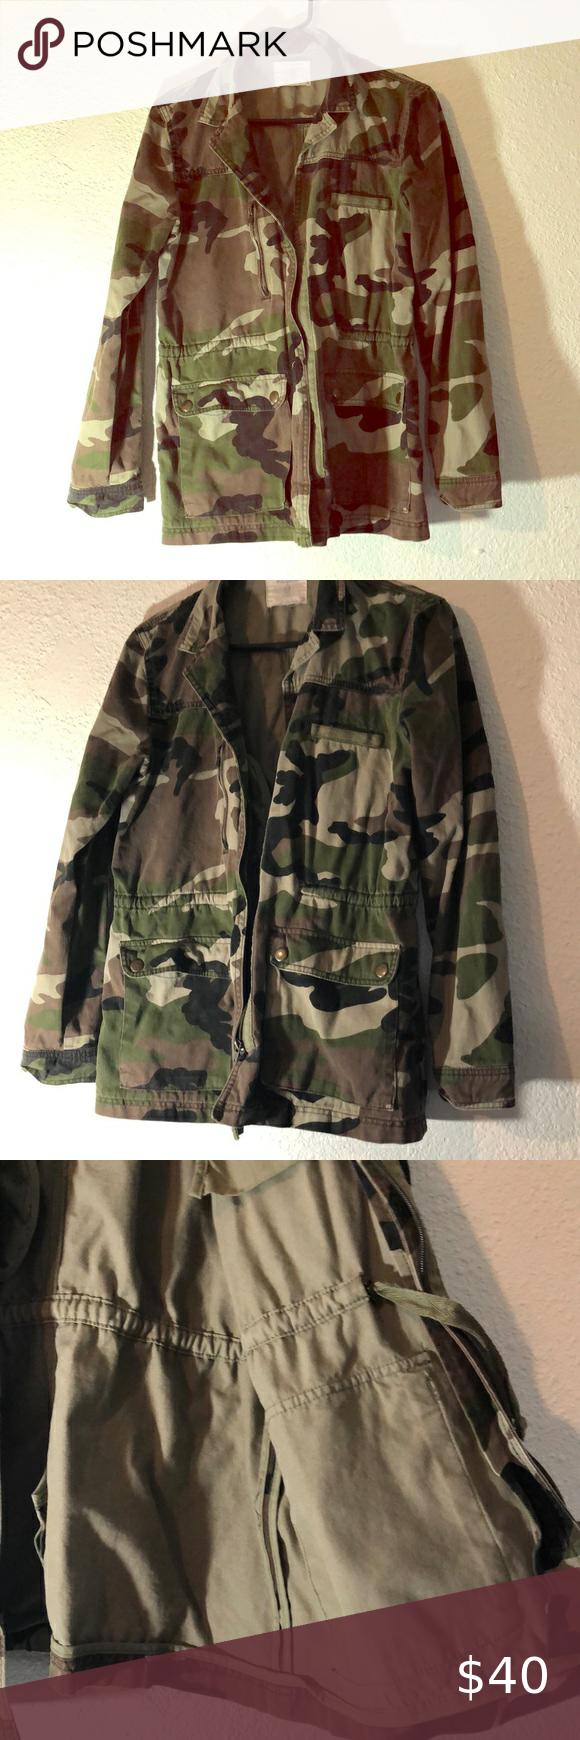 Pull Bear Camo Jacket Camo Jacket Jackets Bear Jacket